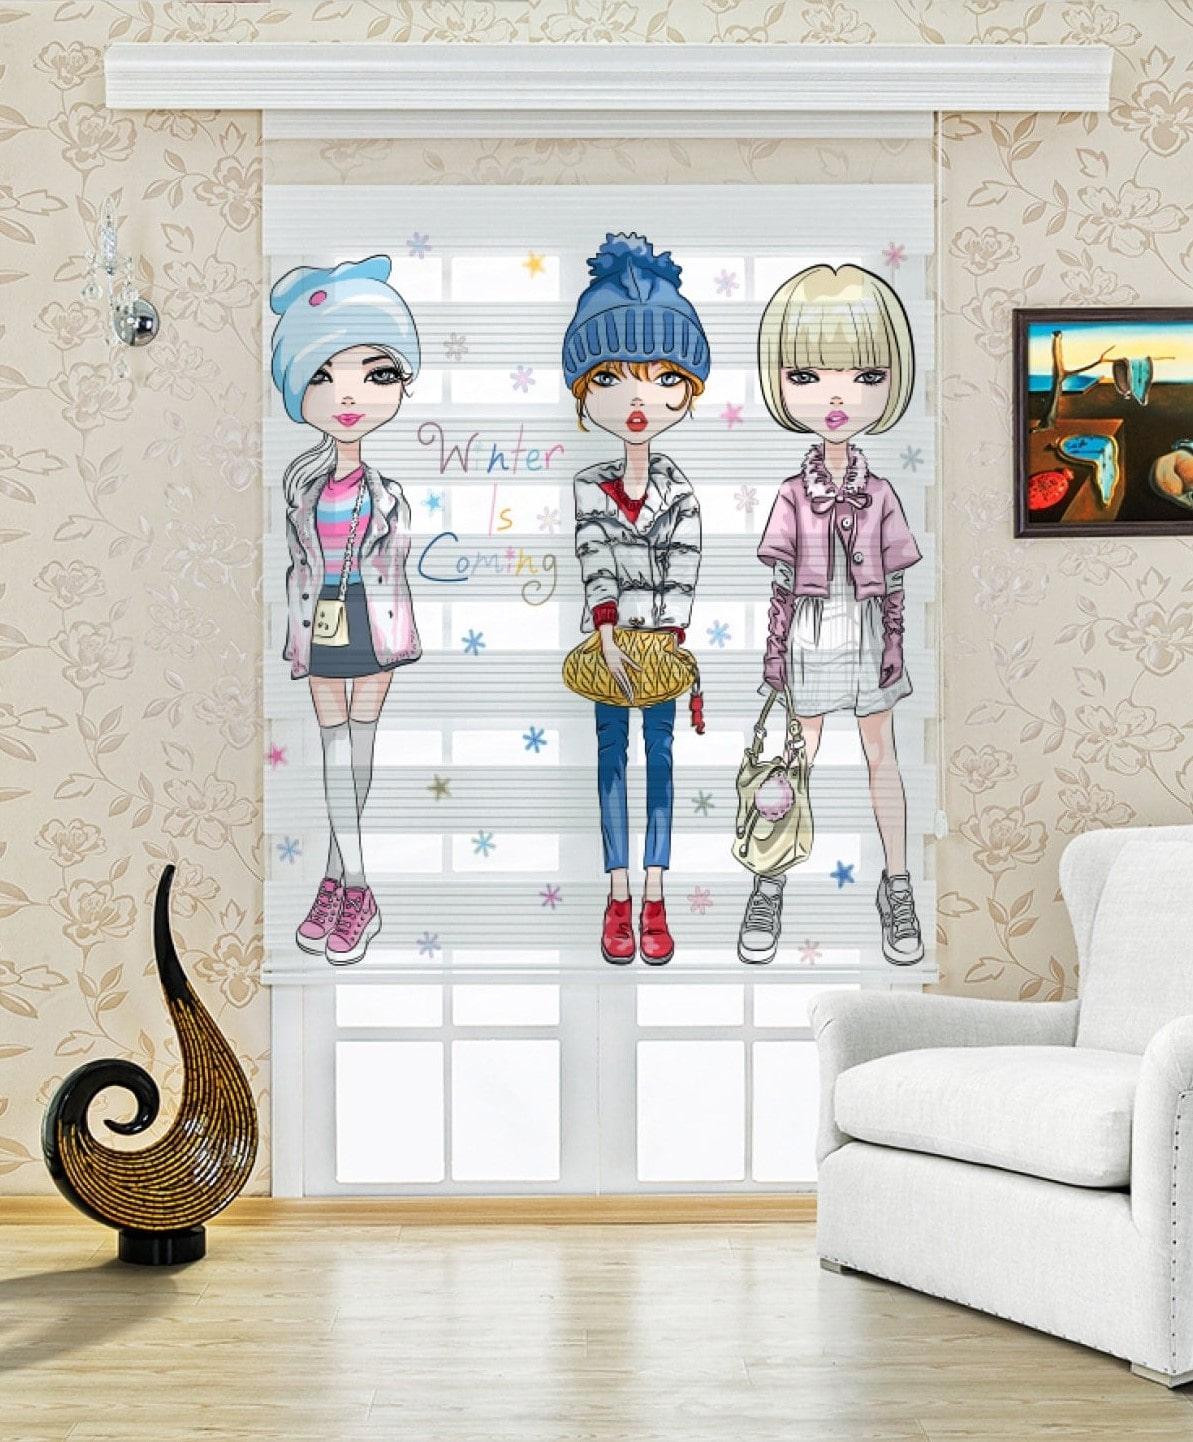 Modacı Kızlar Baskılı Çocuk Odası Zebra Perde   UPD